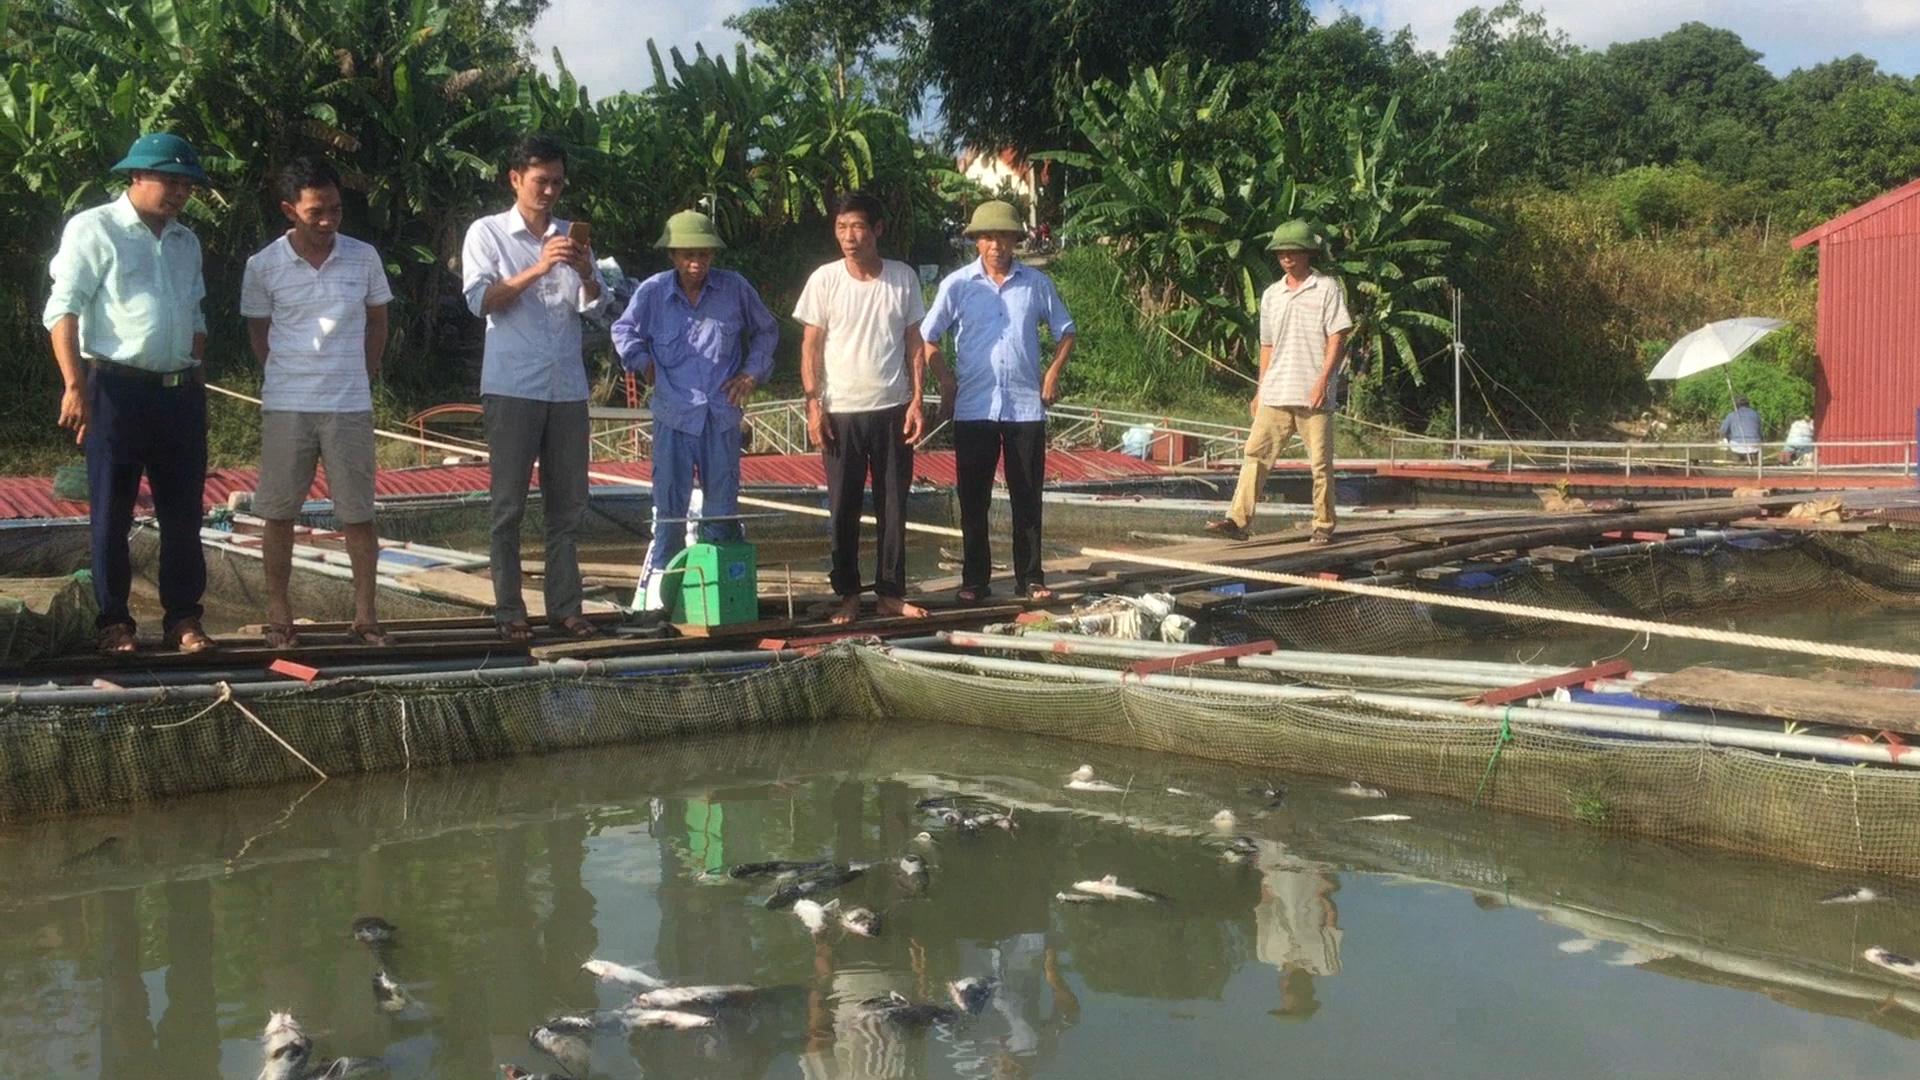 Phú Thọ: Thủy điện Hòa Bình xả lũ, hơn 10 tấn cá lồng sông Đà bị chết - Ảnh 2.